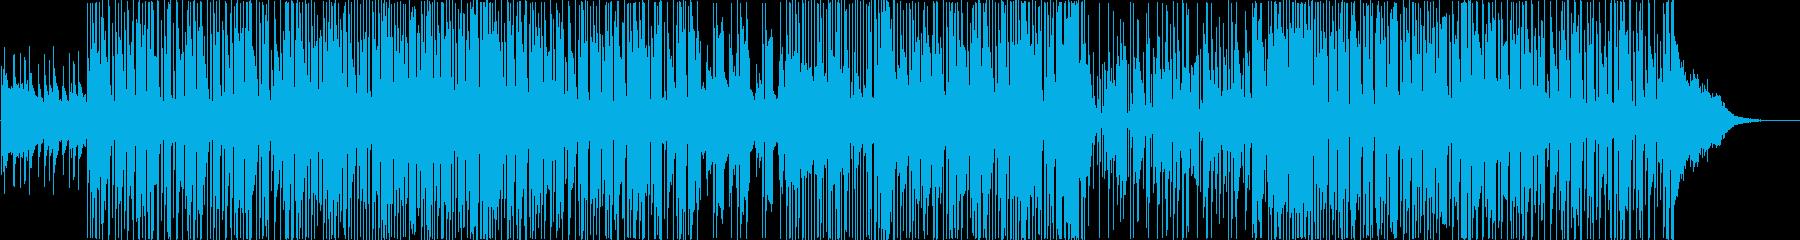 和楽器をポップス風アレンジにしました。の再生済みの波形